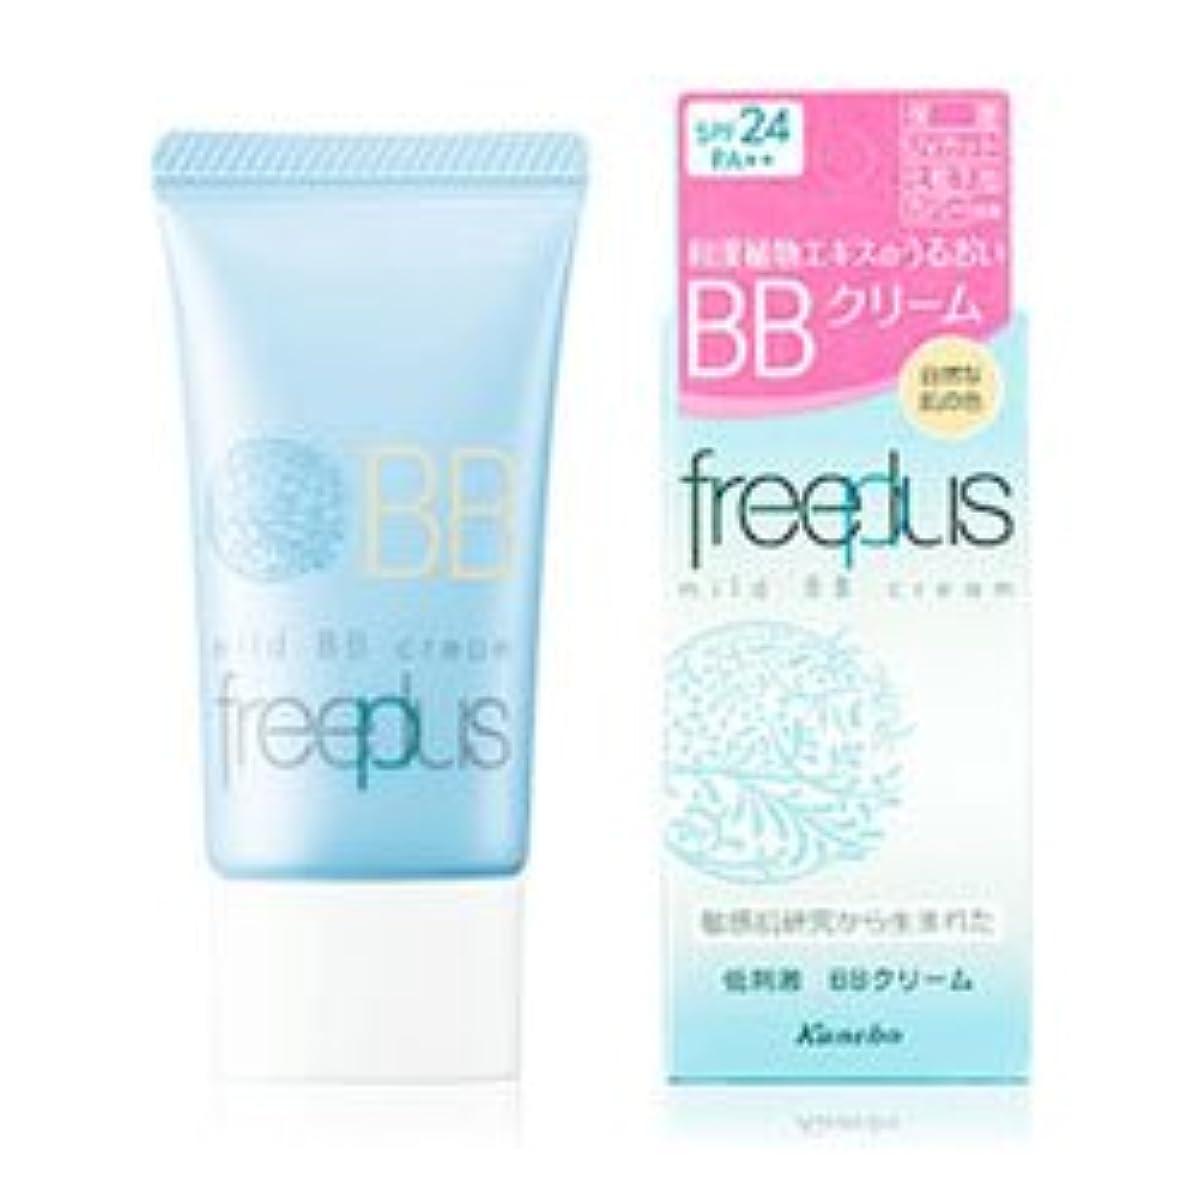 メイト文明化割り込み【カネボウ化粧品】freeplus フリープラス 30g ×3個セット